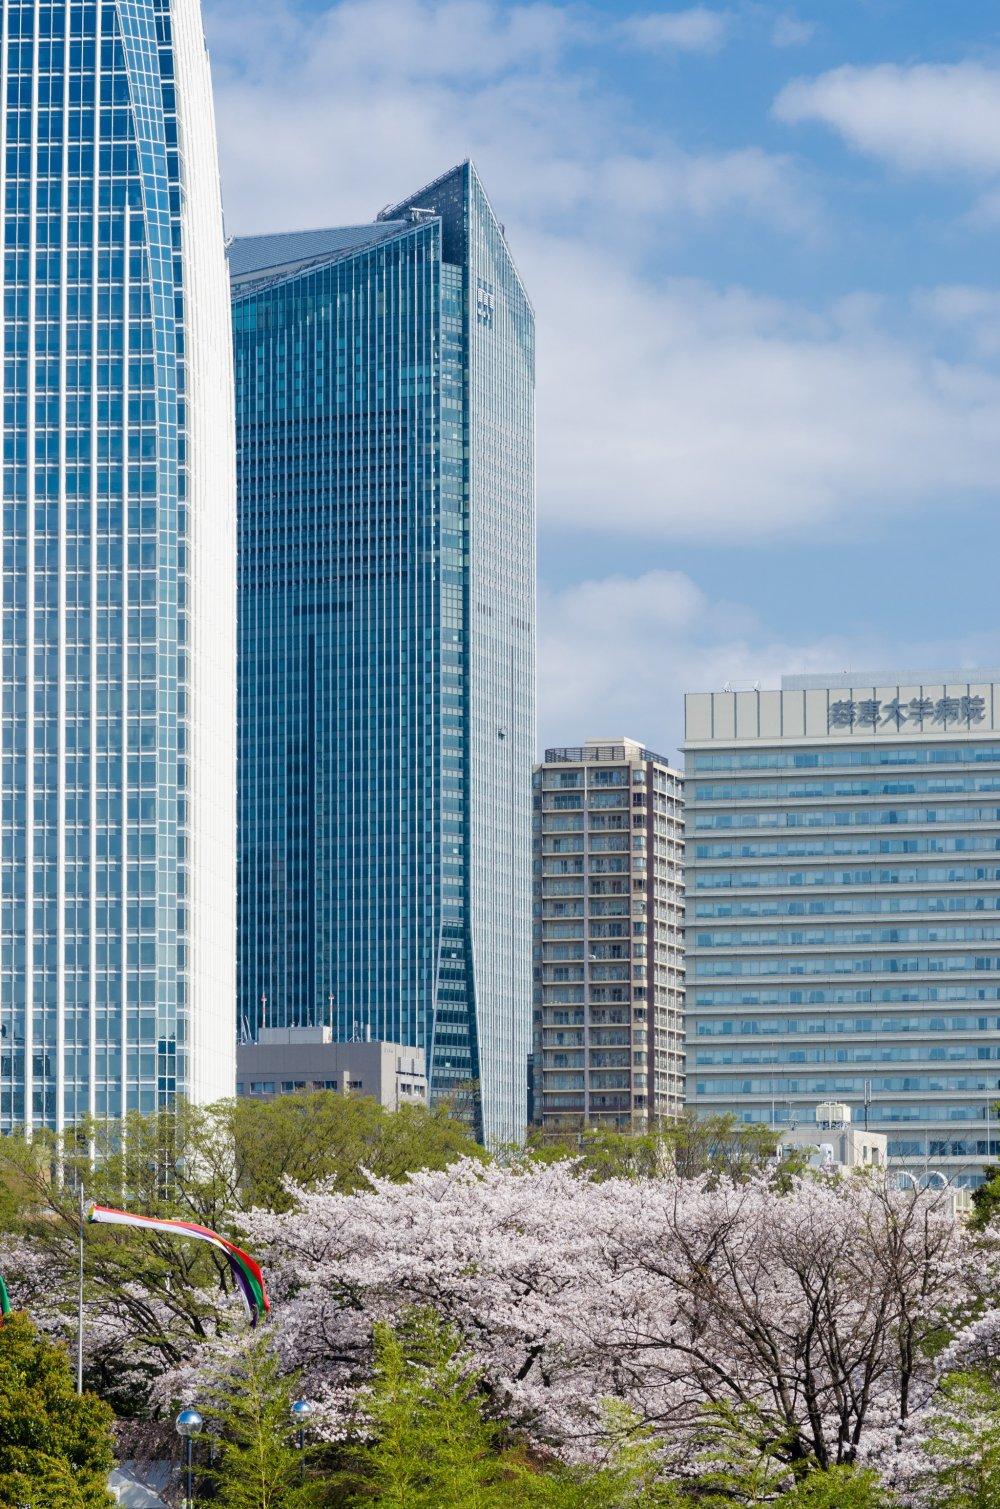 公園や木々を高層ビルの眺めと共に楽しめる都市は世界中にある。でも桜と共に眺められる場所は東京ぐらいのものだろう。ご覧のとおり、素晴らしい景色だ。